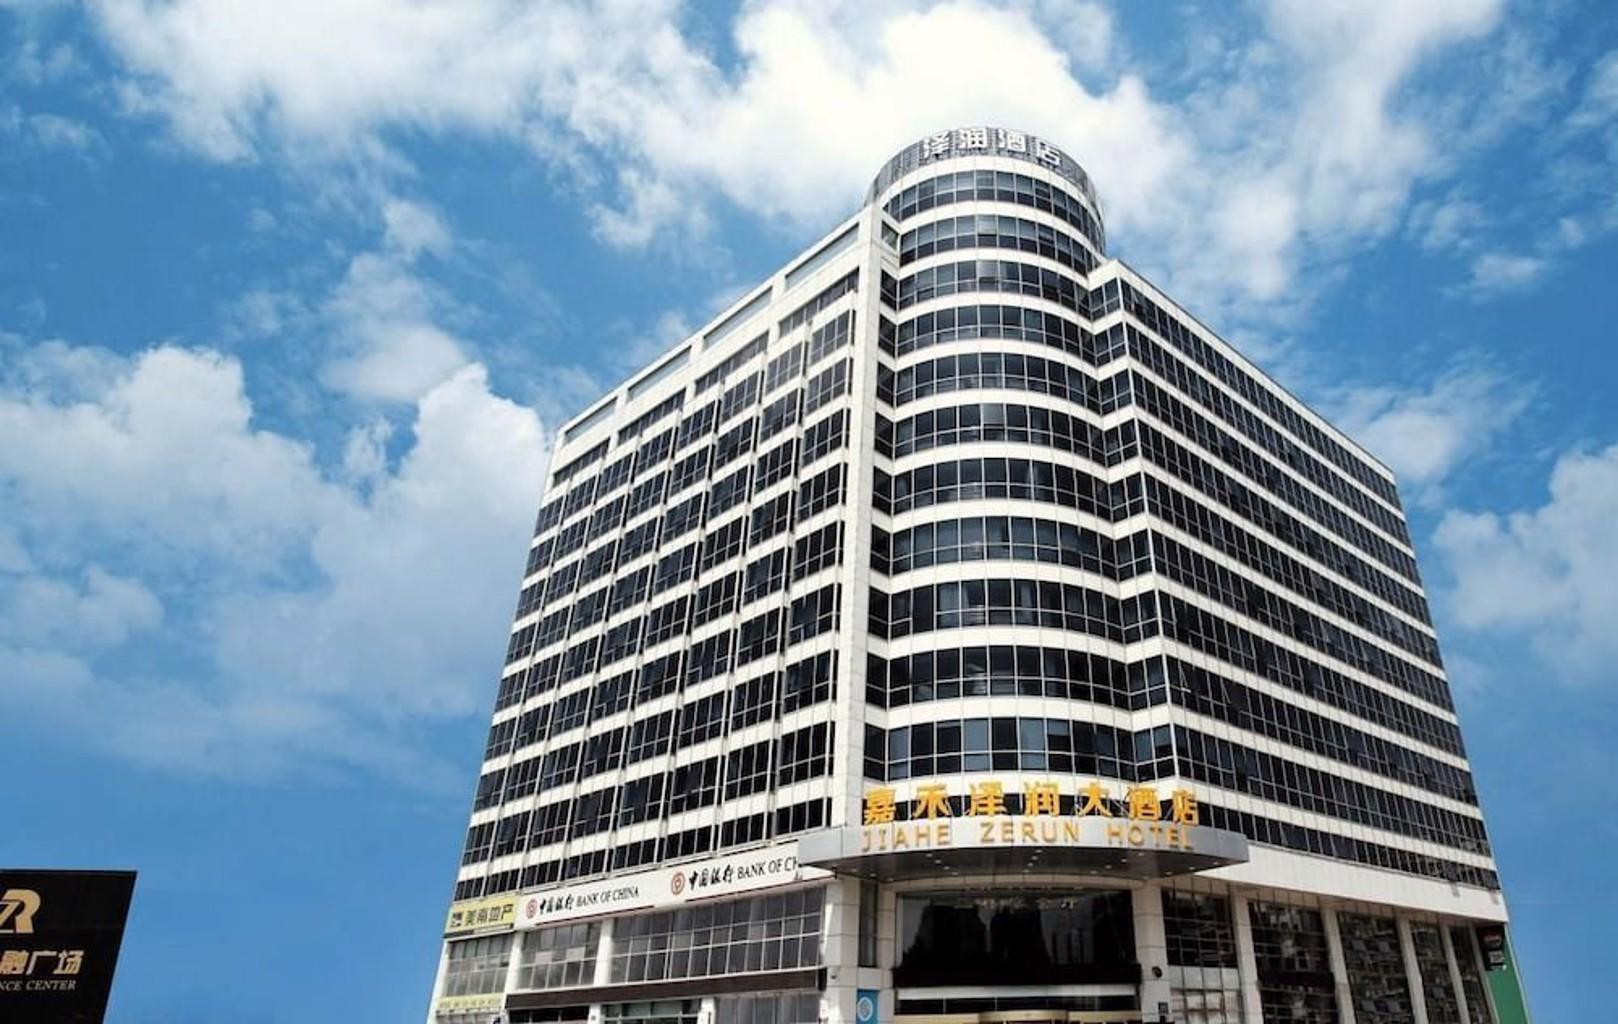 Jiahezerun Hotel Qingdao